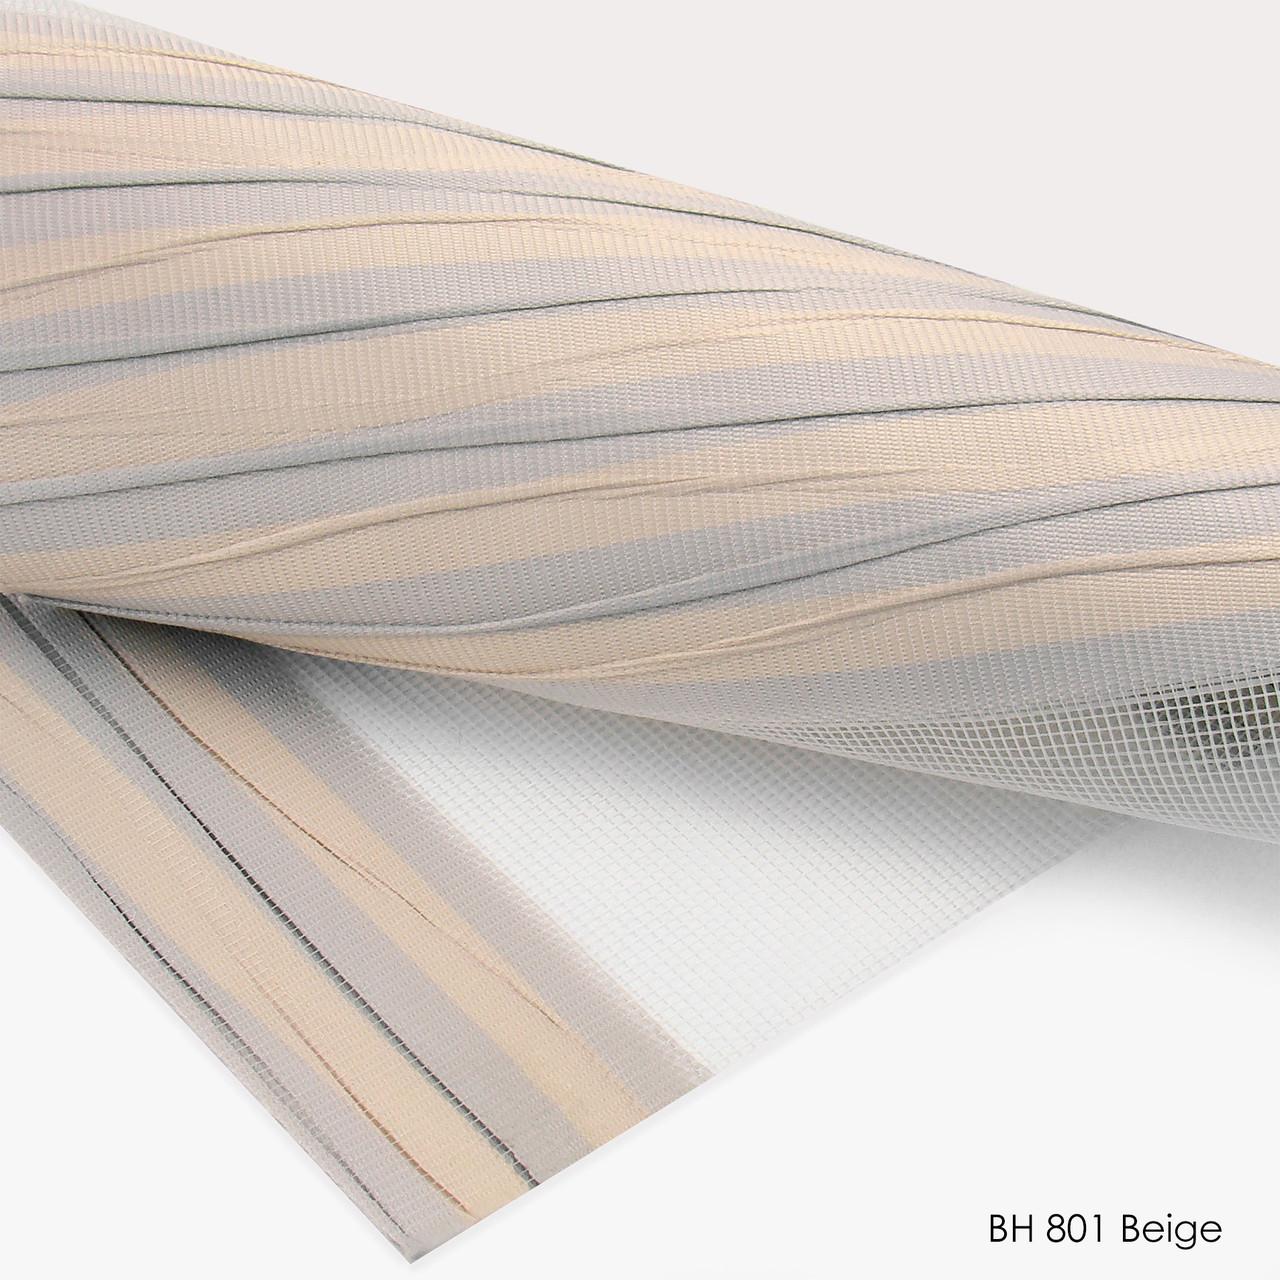 Роллеты день ночь BH 801 beige